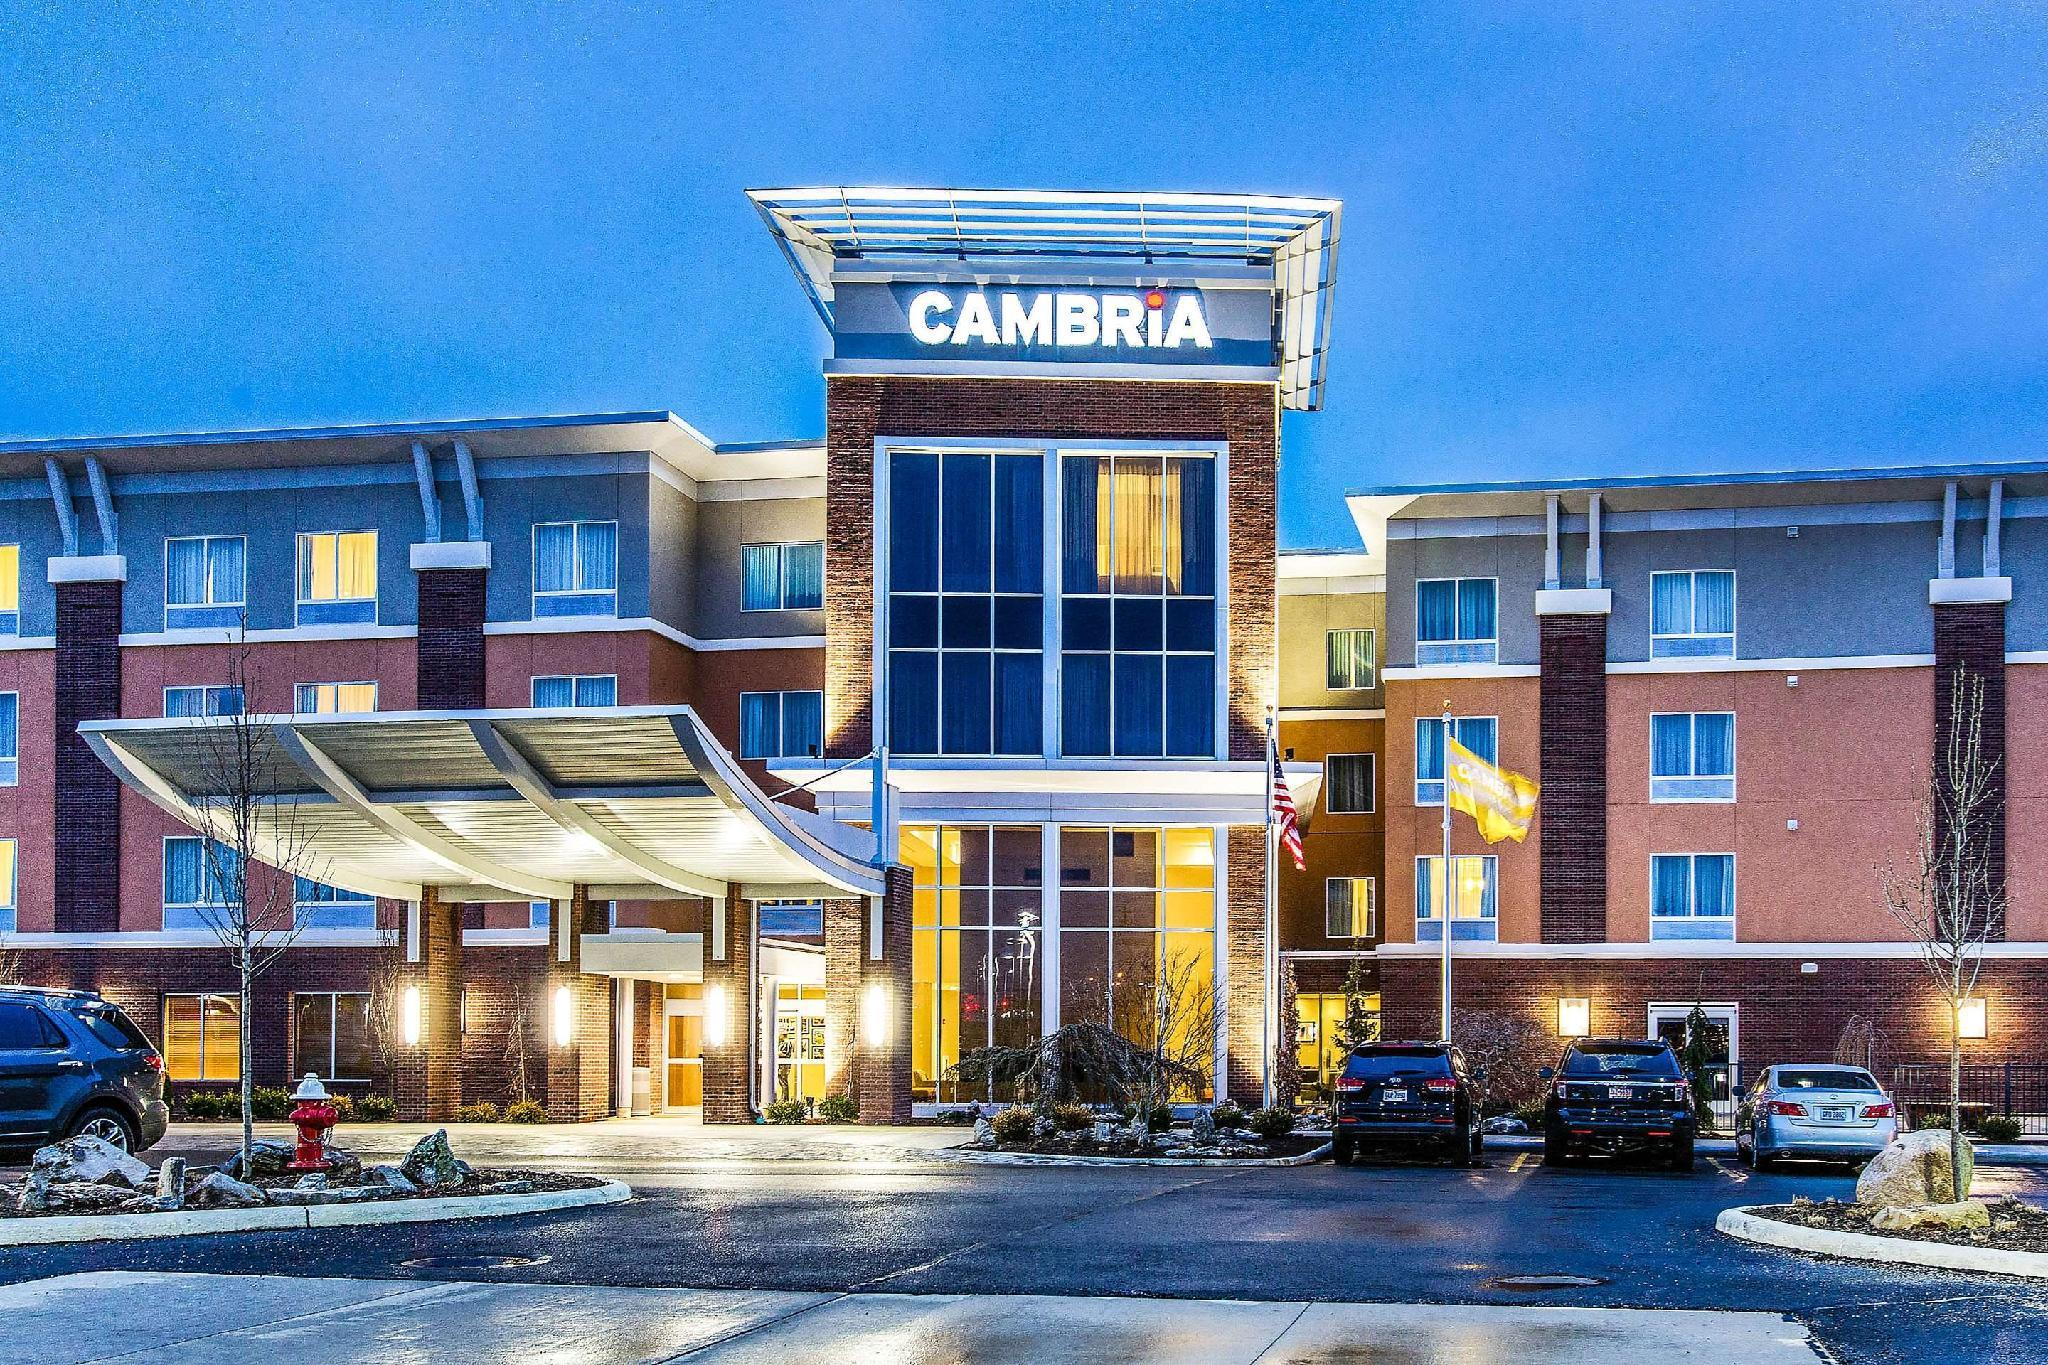 Cambria Hotel Cleveland Avon